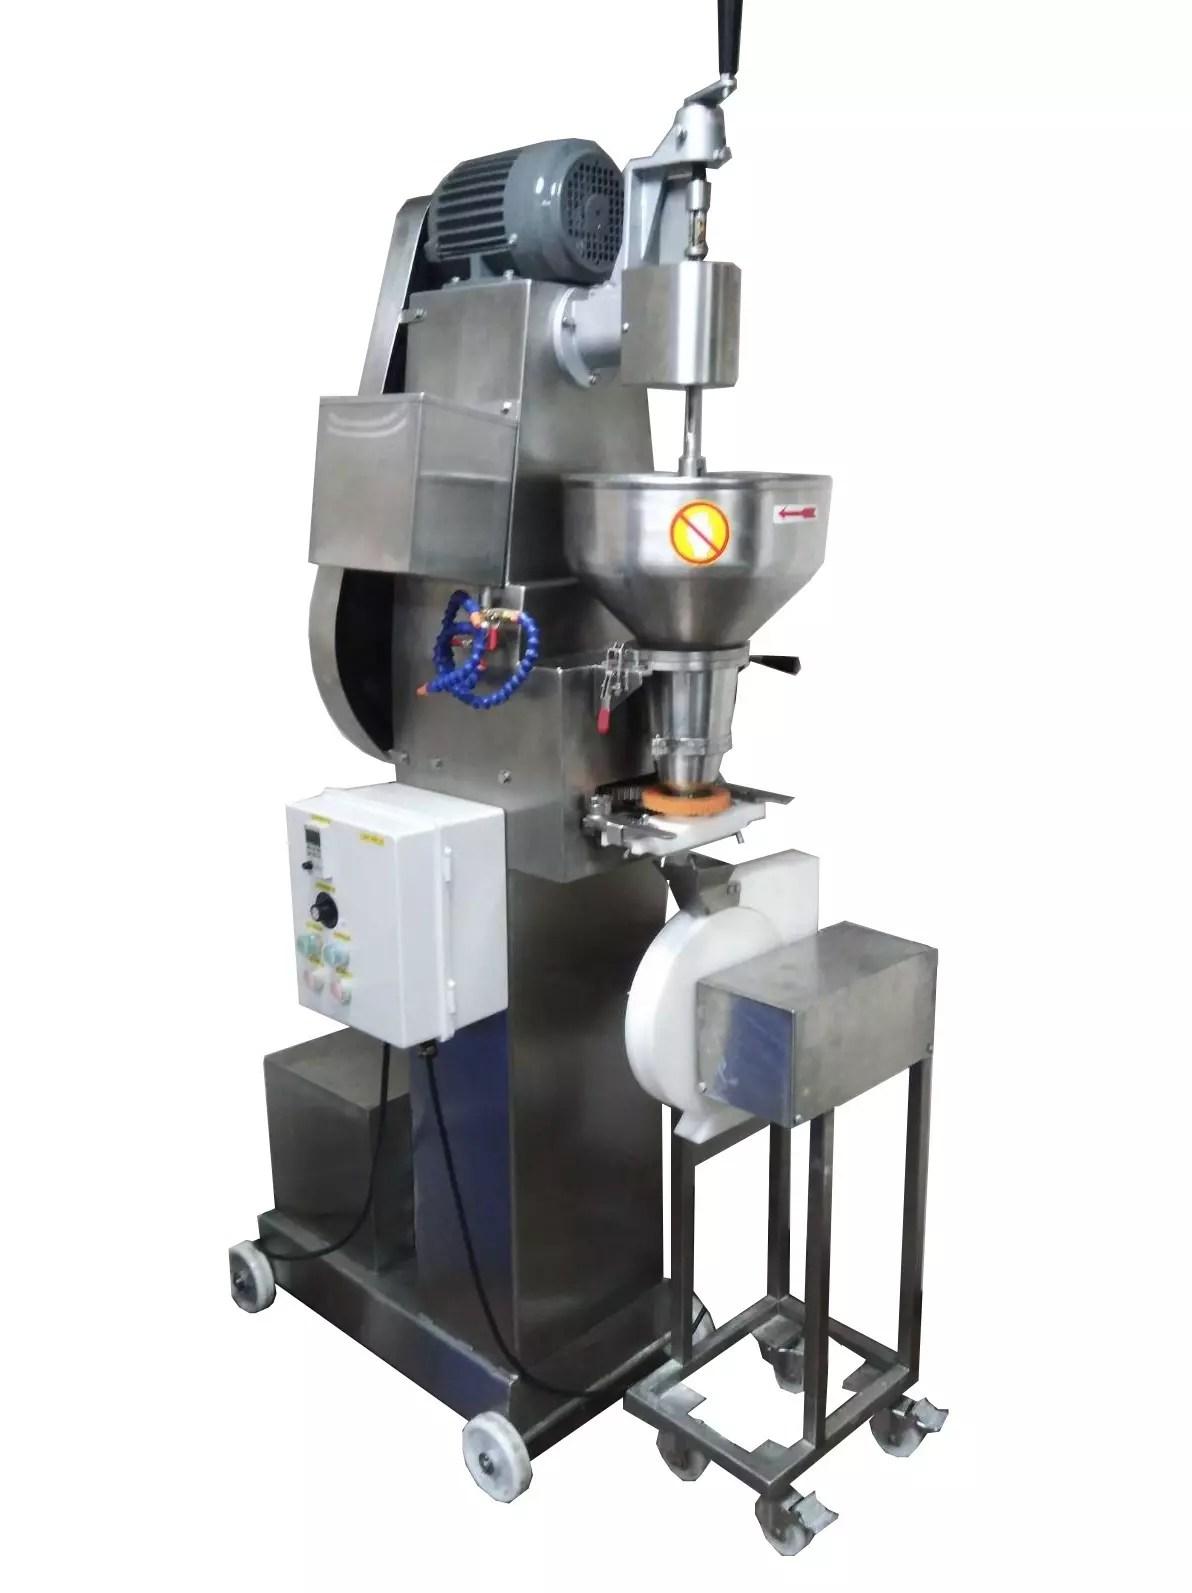 定量滾圓成型機 | 臺灣高品質定量滾圓成型機製造商 | 鼎翰機械有限公司